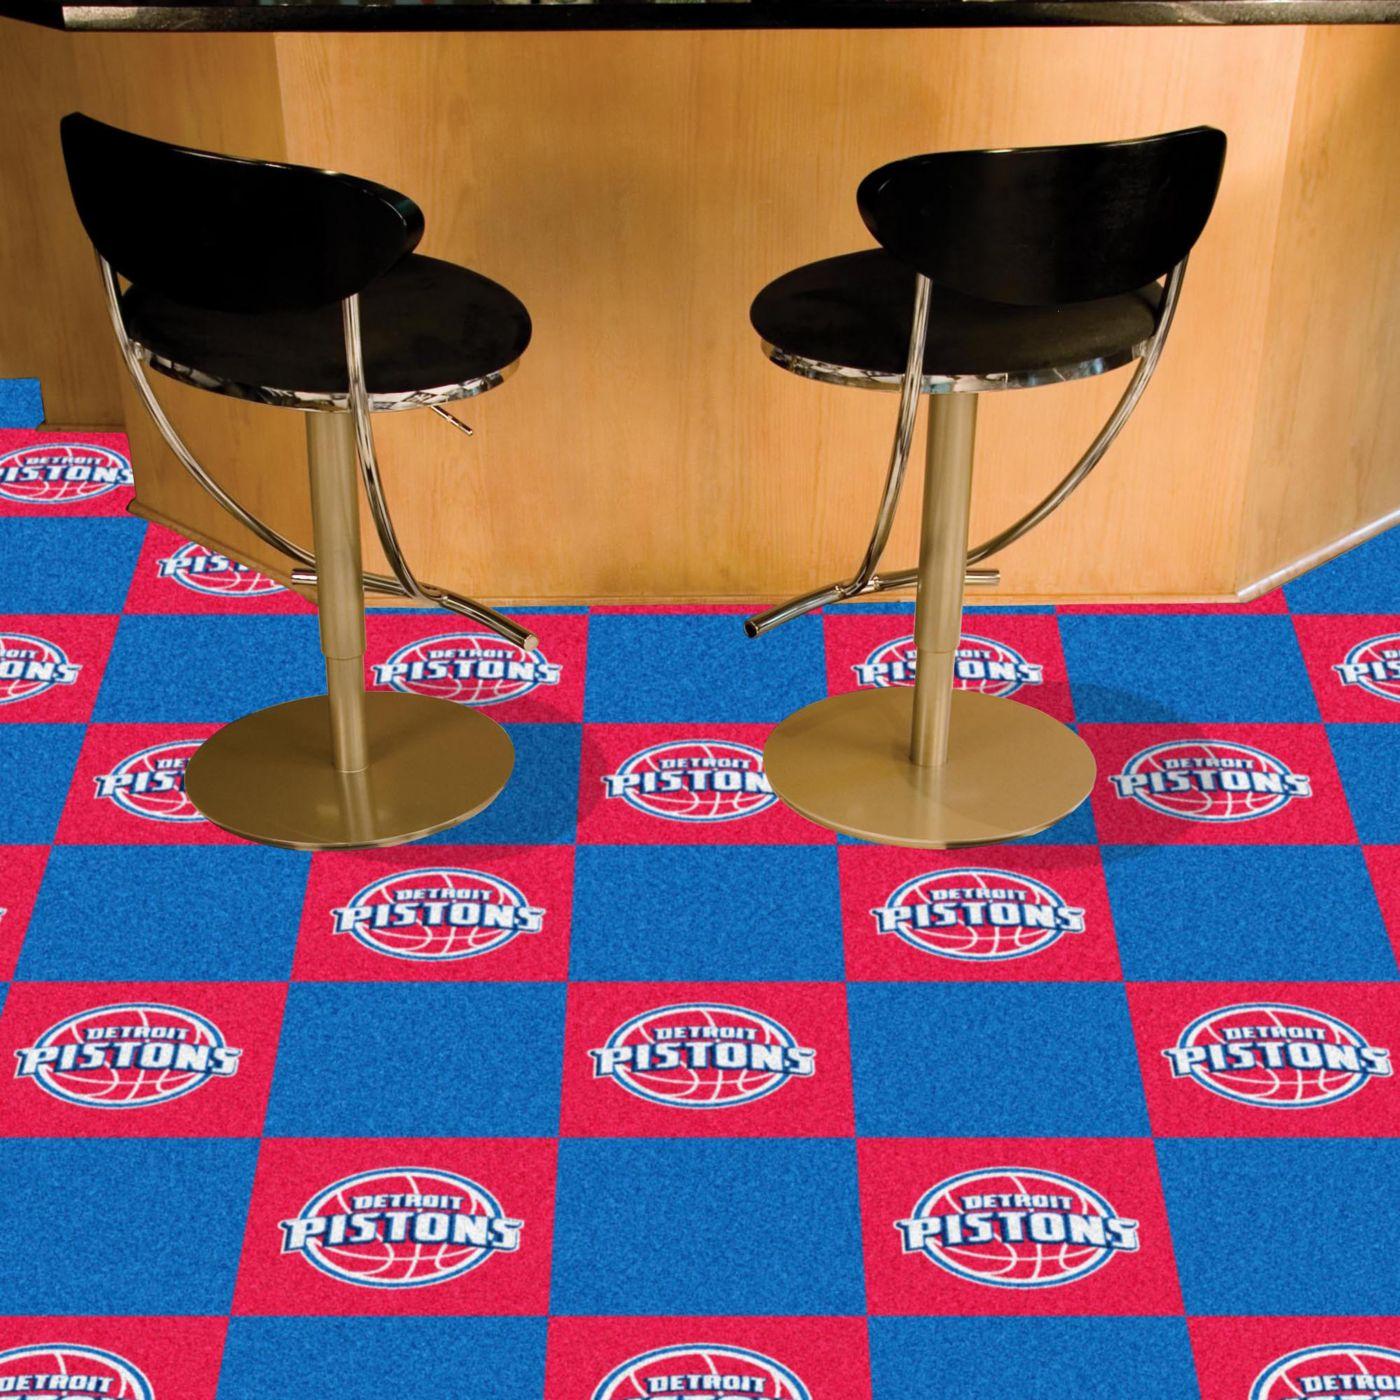 FANMATS Detroit Pistons Carpet Tiles